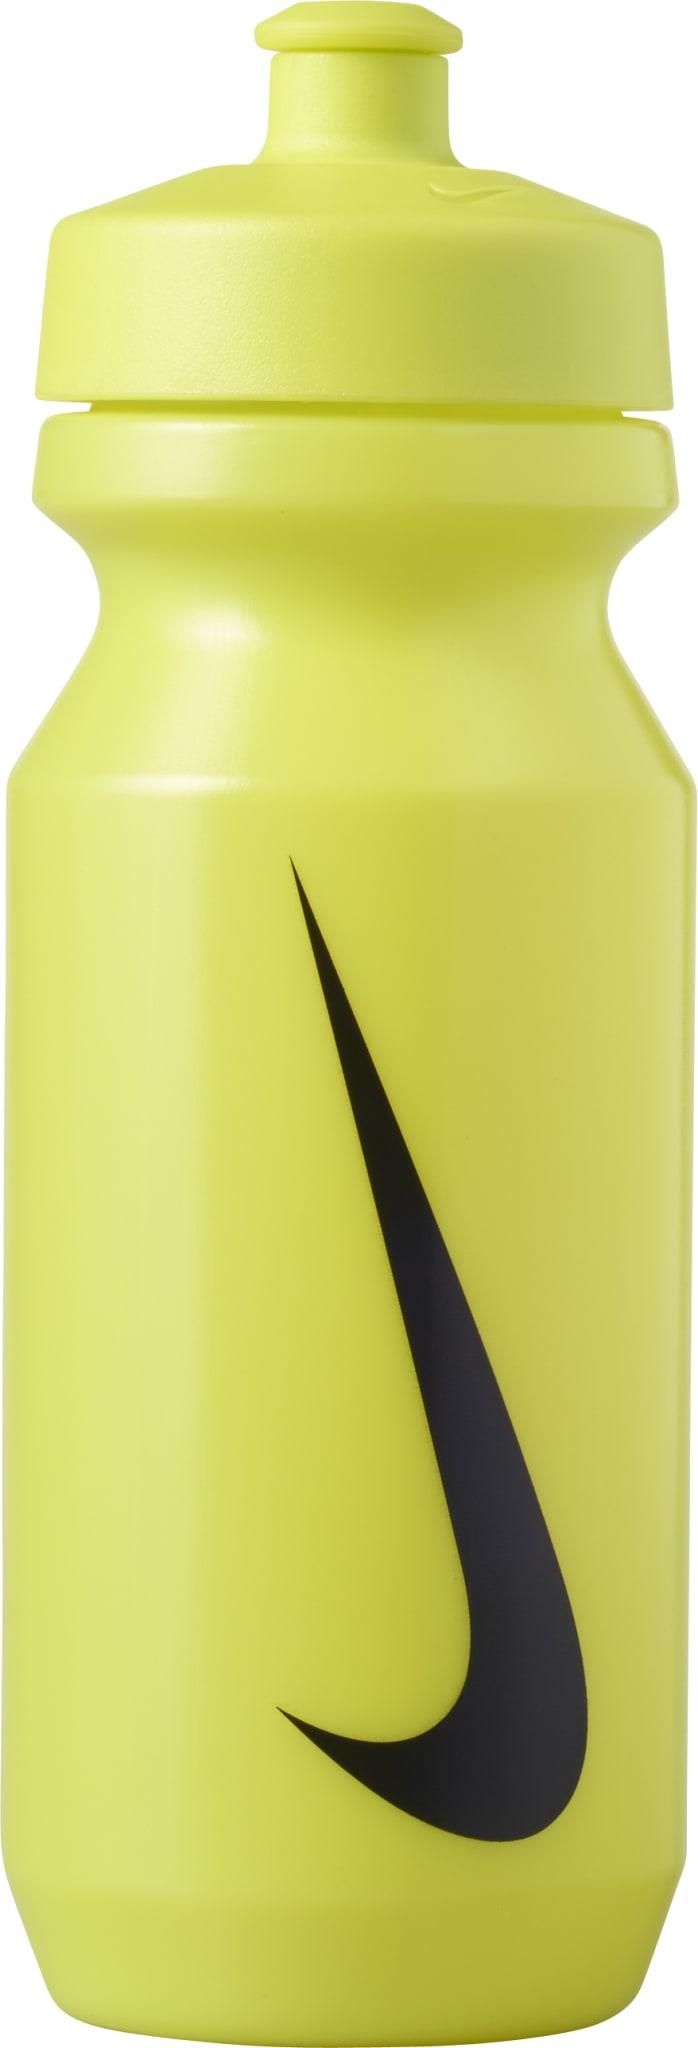 Big Mouth Bottle 2.0 650ml/22oz